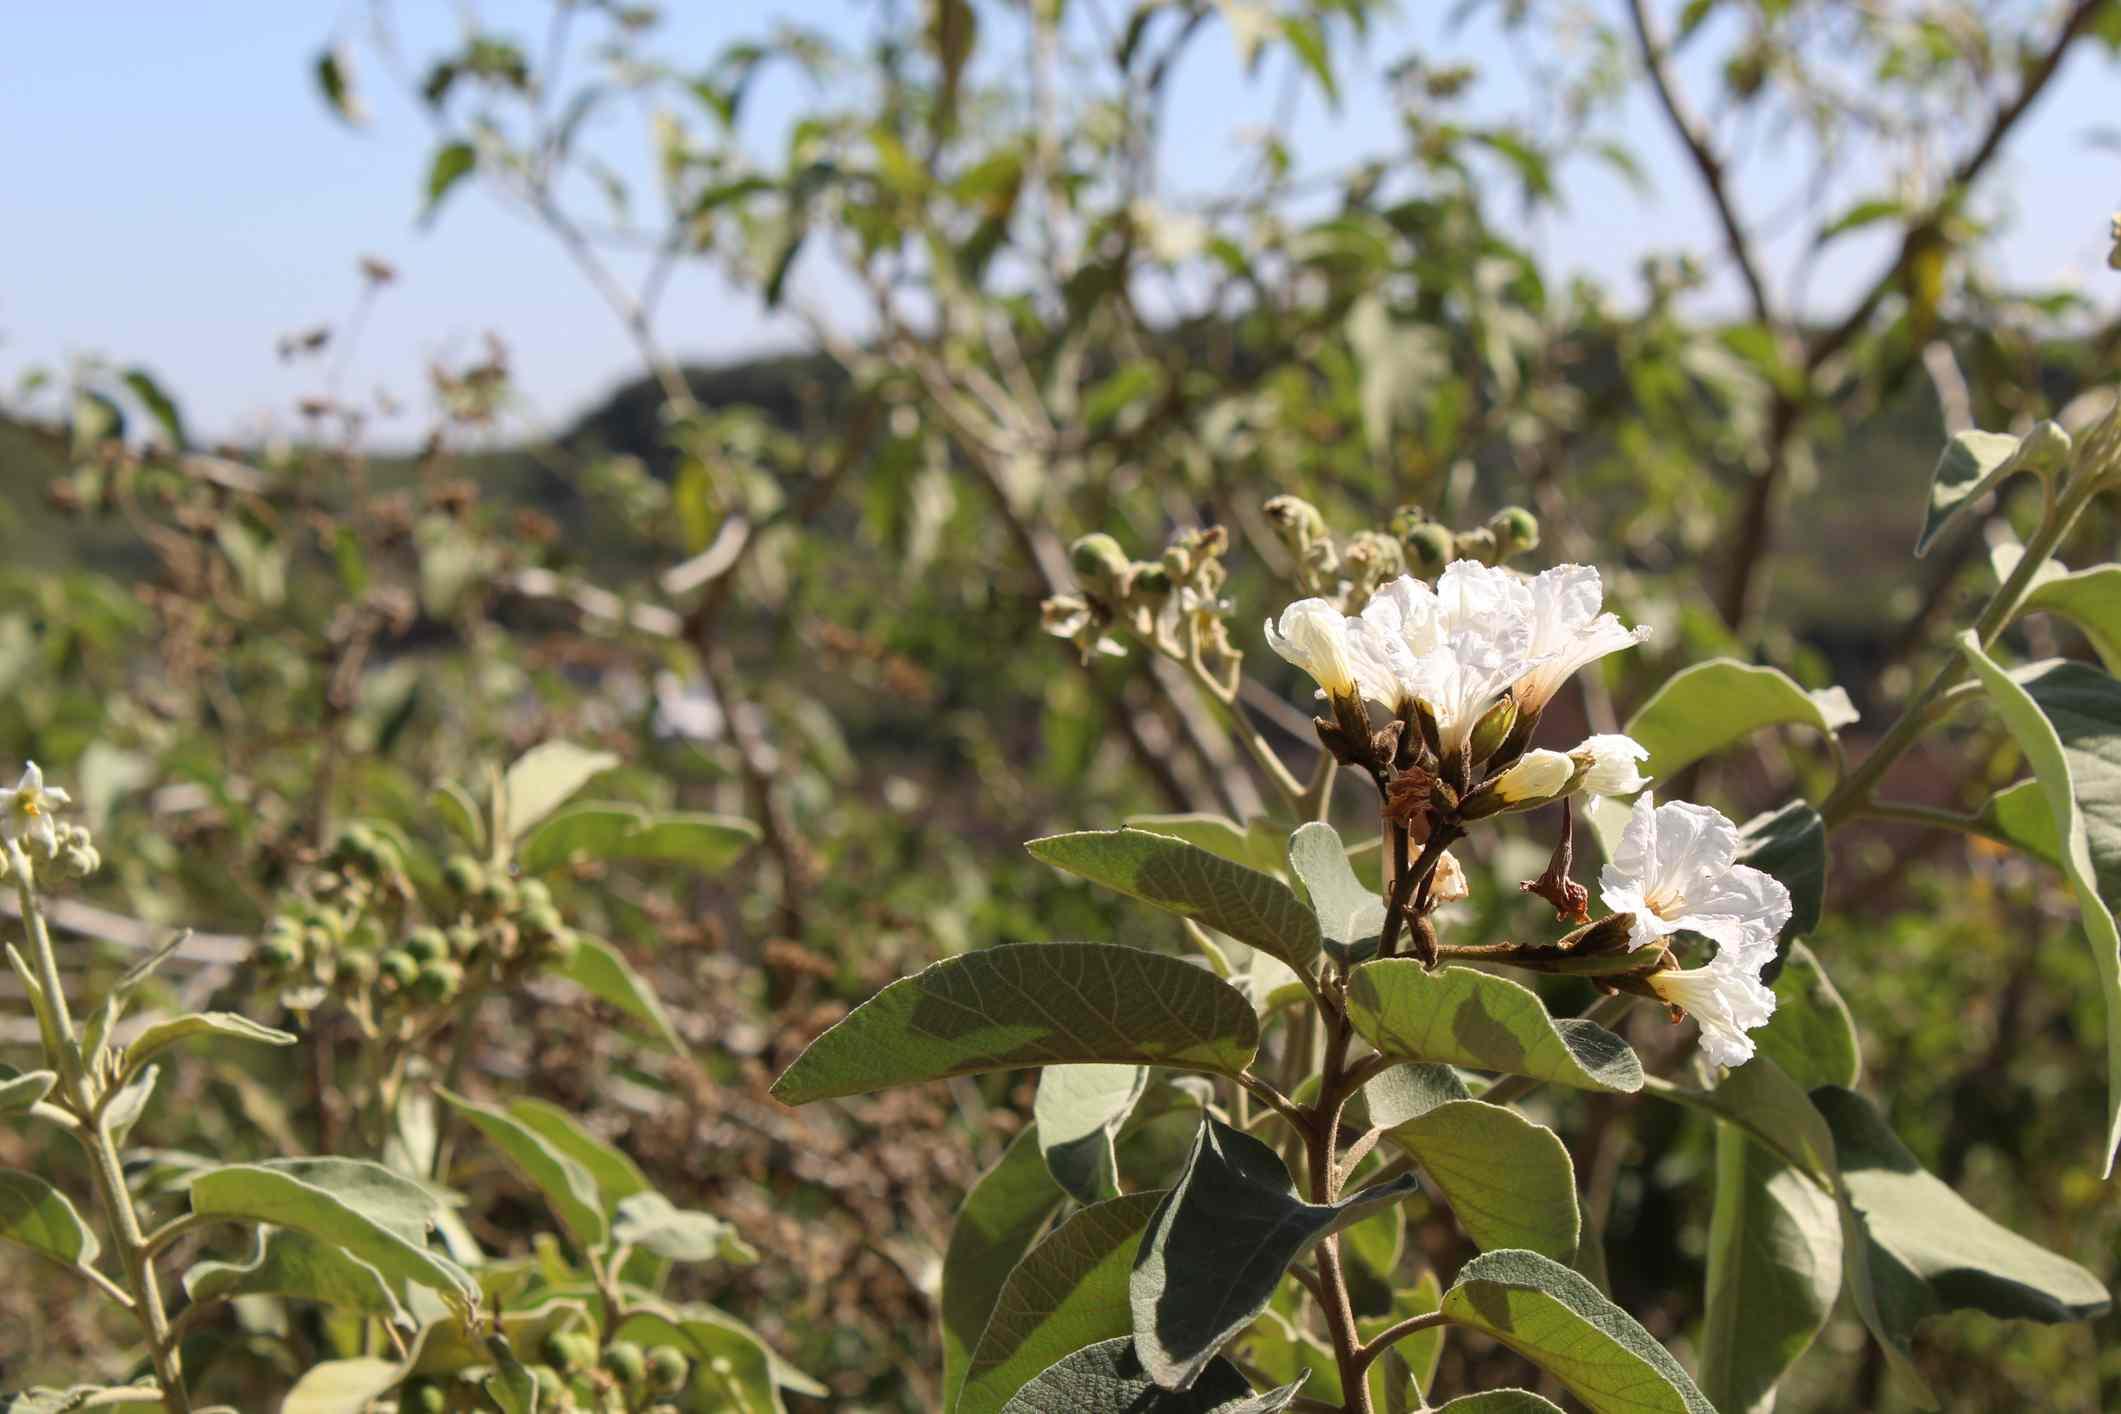 Texas Olive (Cordia boissieri)